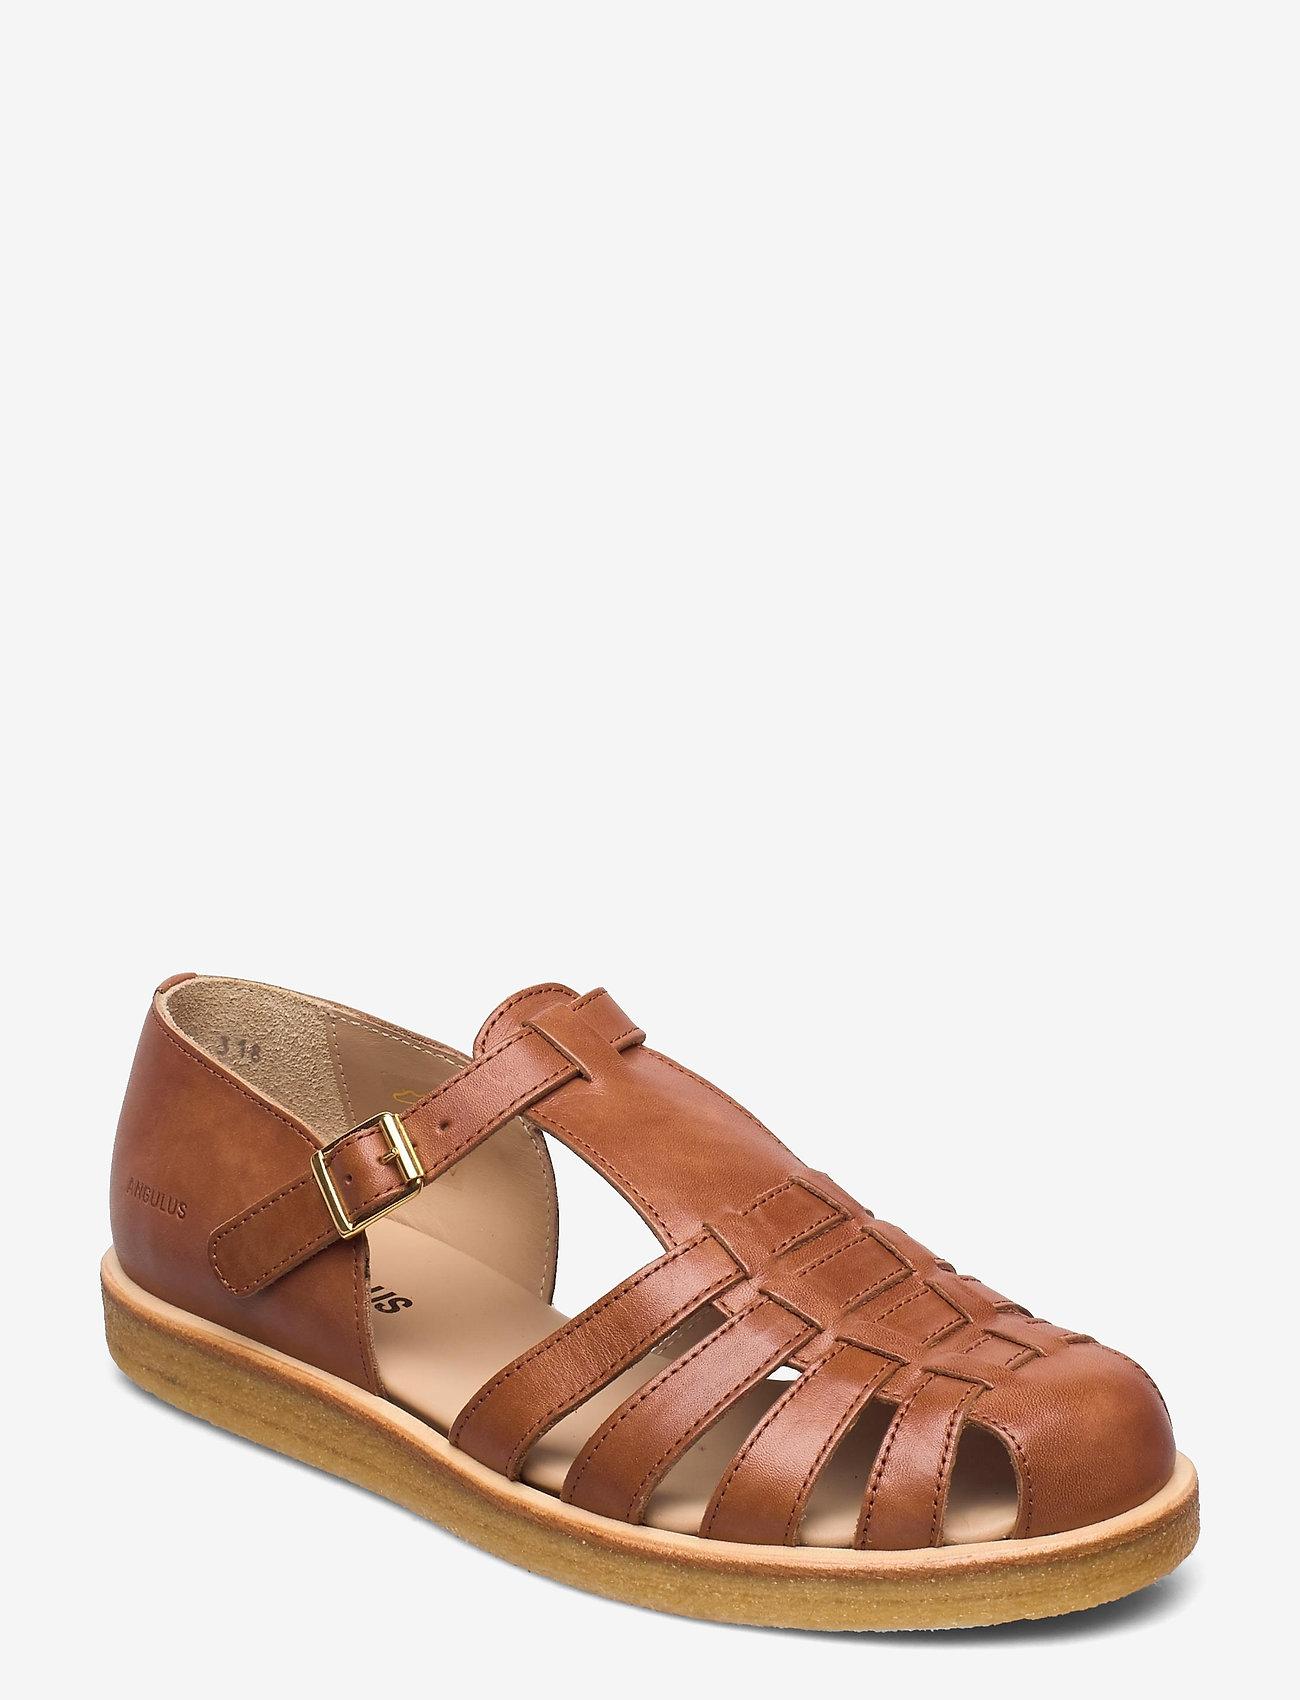 ANGULUS - Sandals - flat - closed toe - op - flade sandaler - 1789 tan - 0